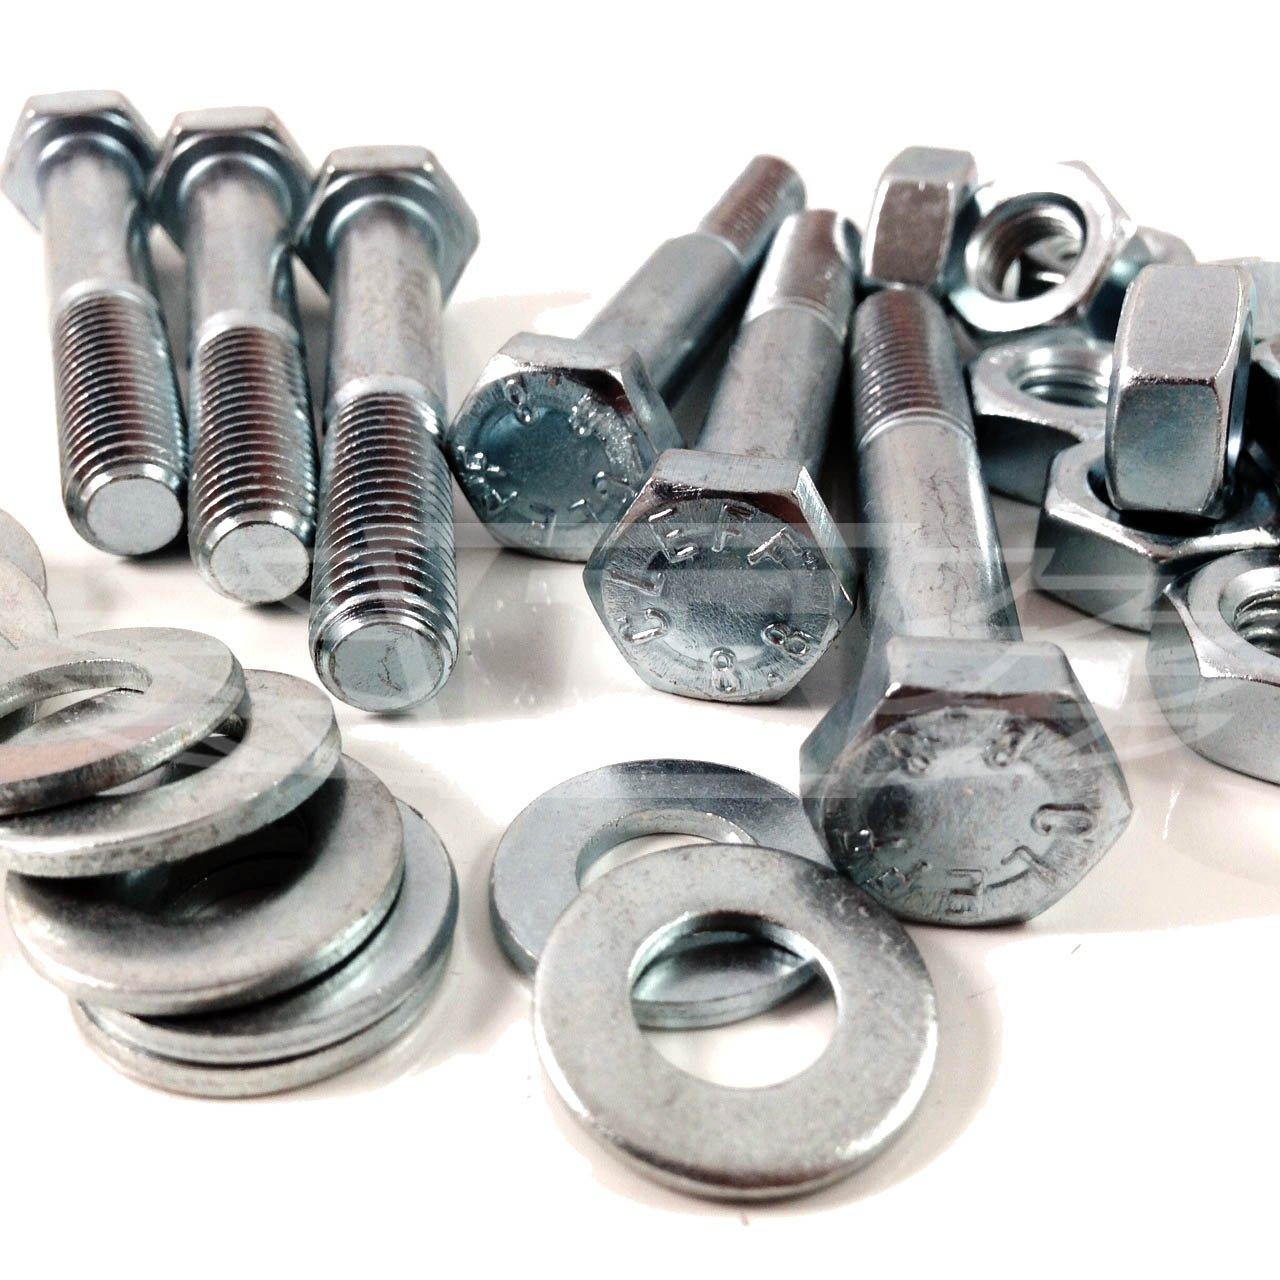 PACK OF 3 x M10 x 120mm PART THREADED HEX HEAD ZINC BOLTS PLUS NUTS & WASHERS Falcon Workshop Supplies Ltd